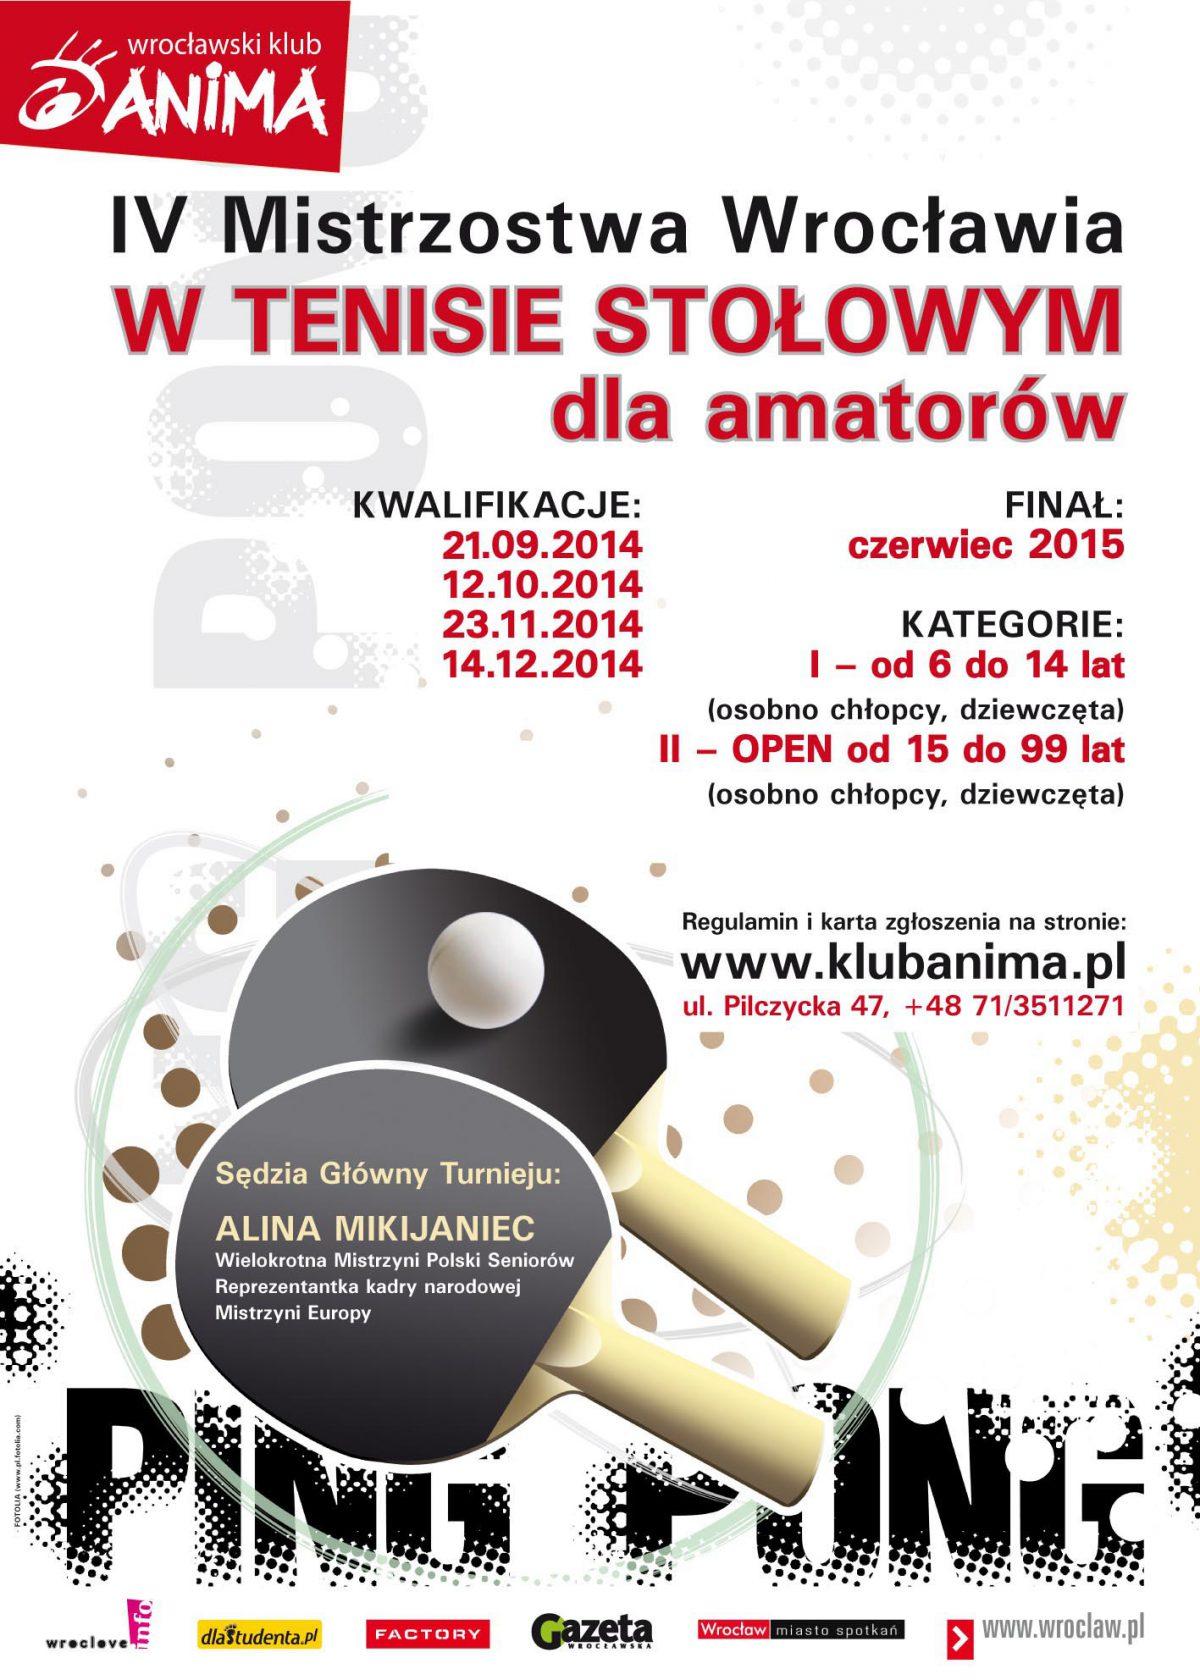 IV Mistrzostwa Wrocławia w Tenisie Stołowym